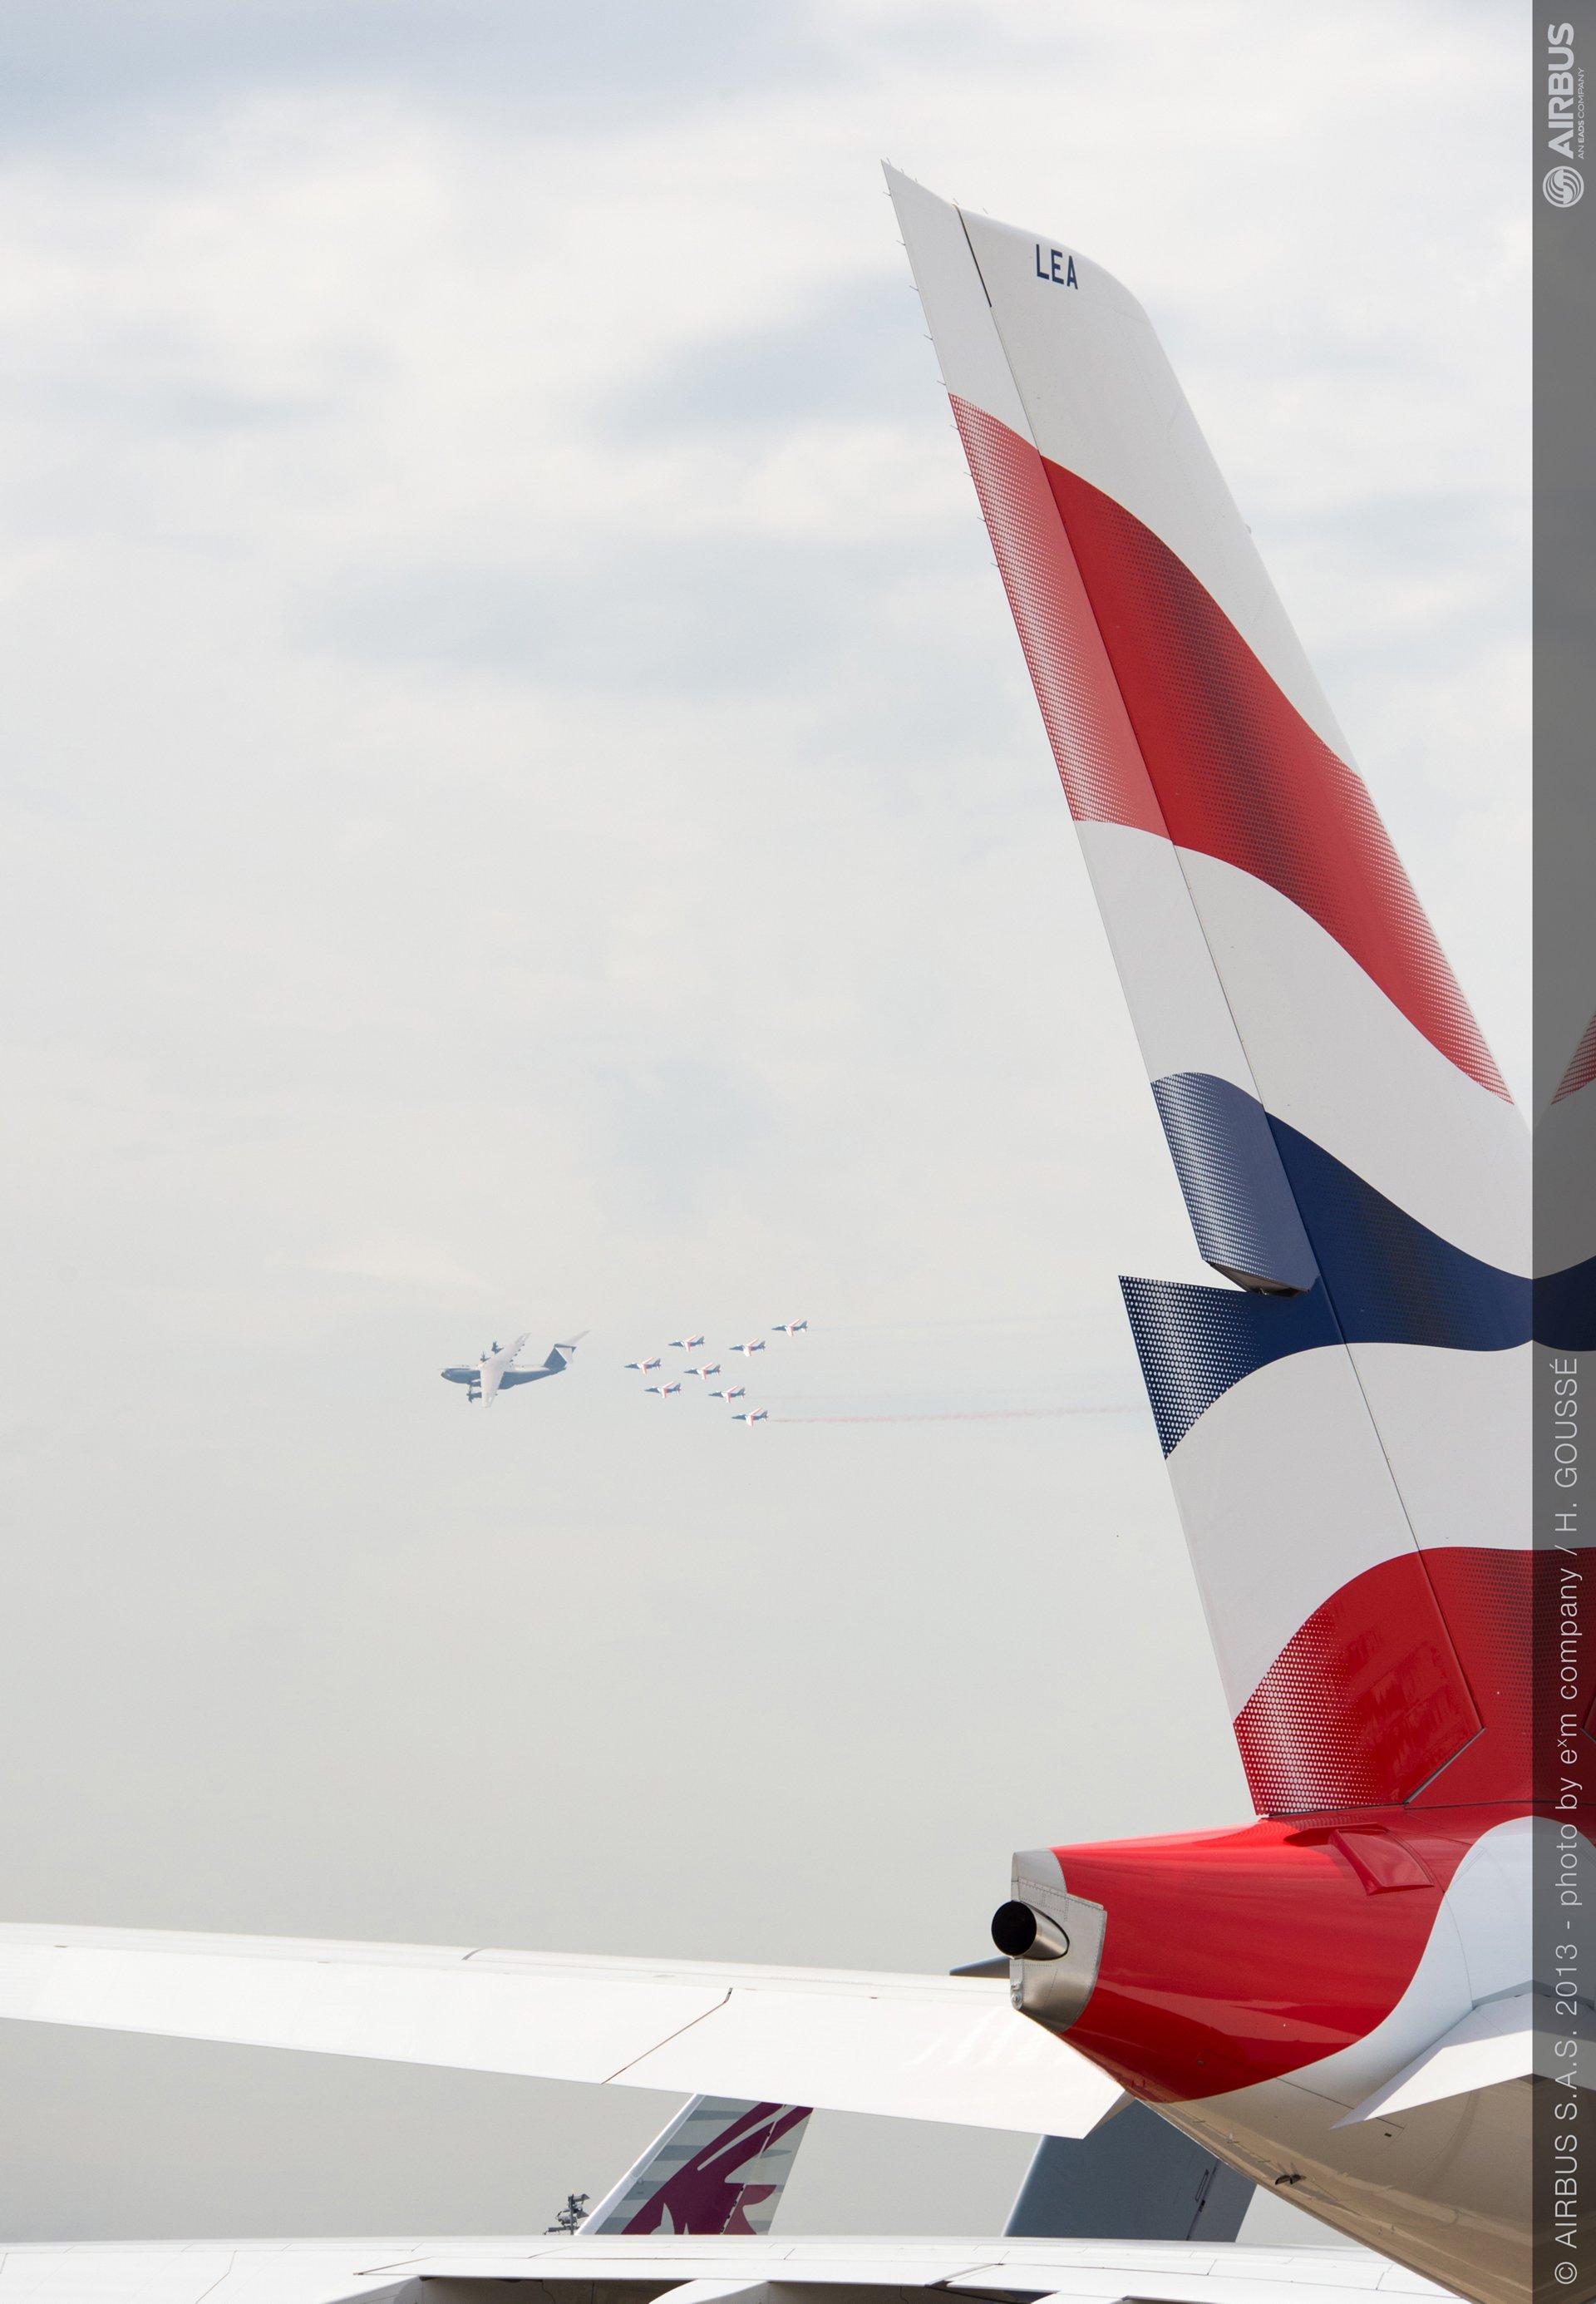 A400M formation flight patrouille de france A380 BAW